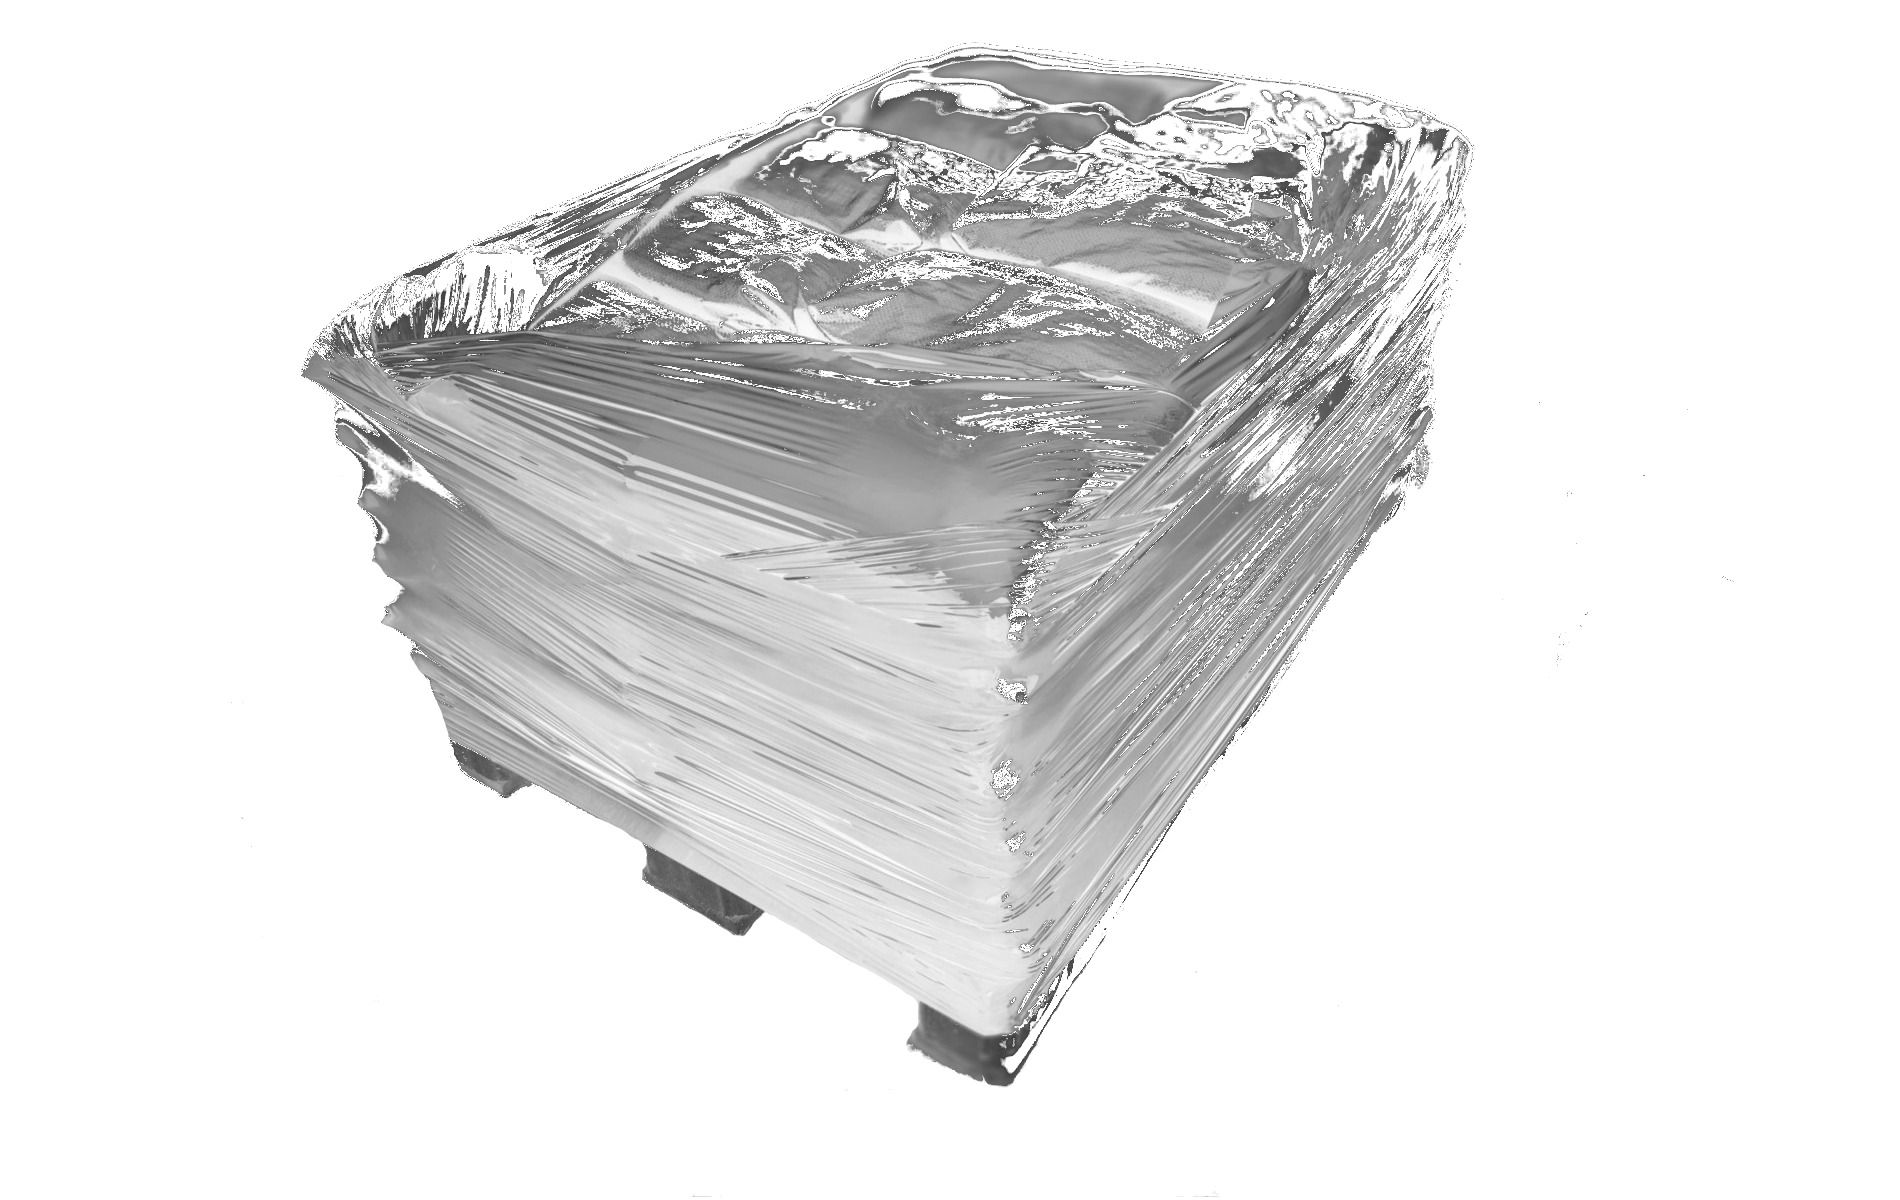 Ballastsäcke PP weiß - gefüllt mit Sand oder Ballastsäcke PP weiß - gefüllt mit Kies